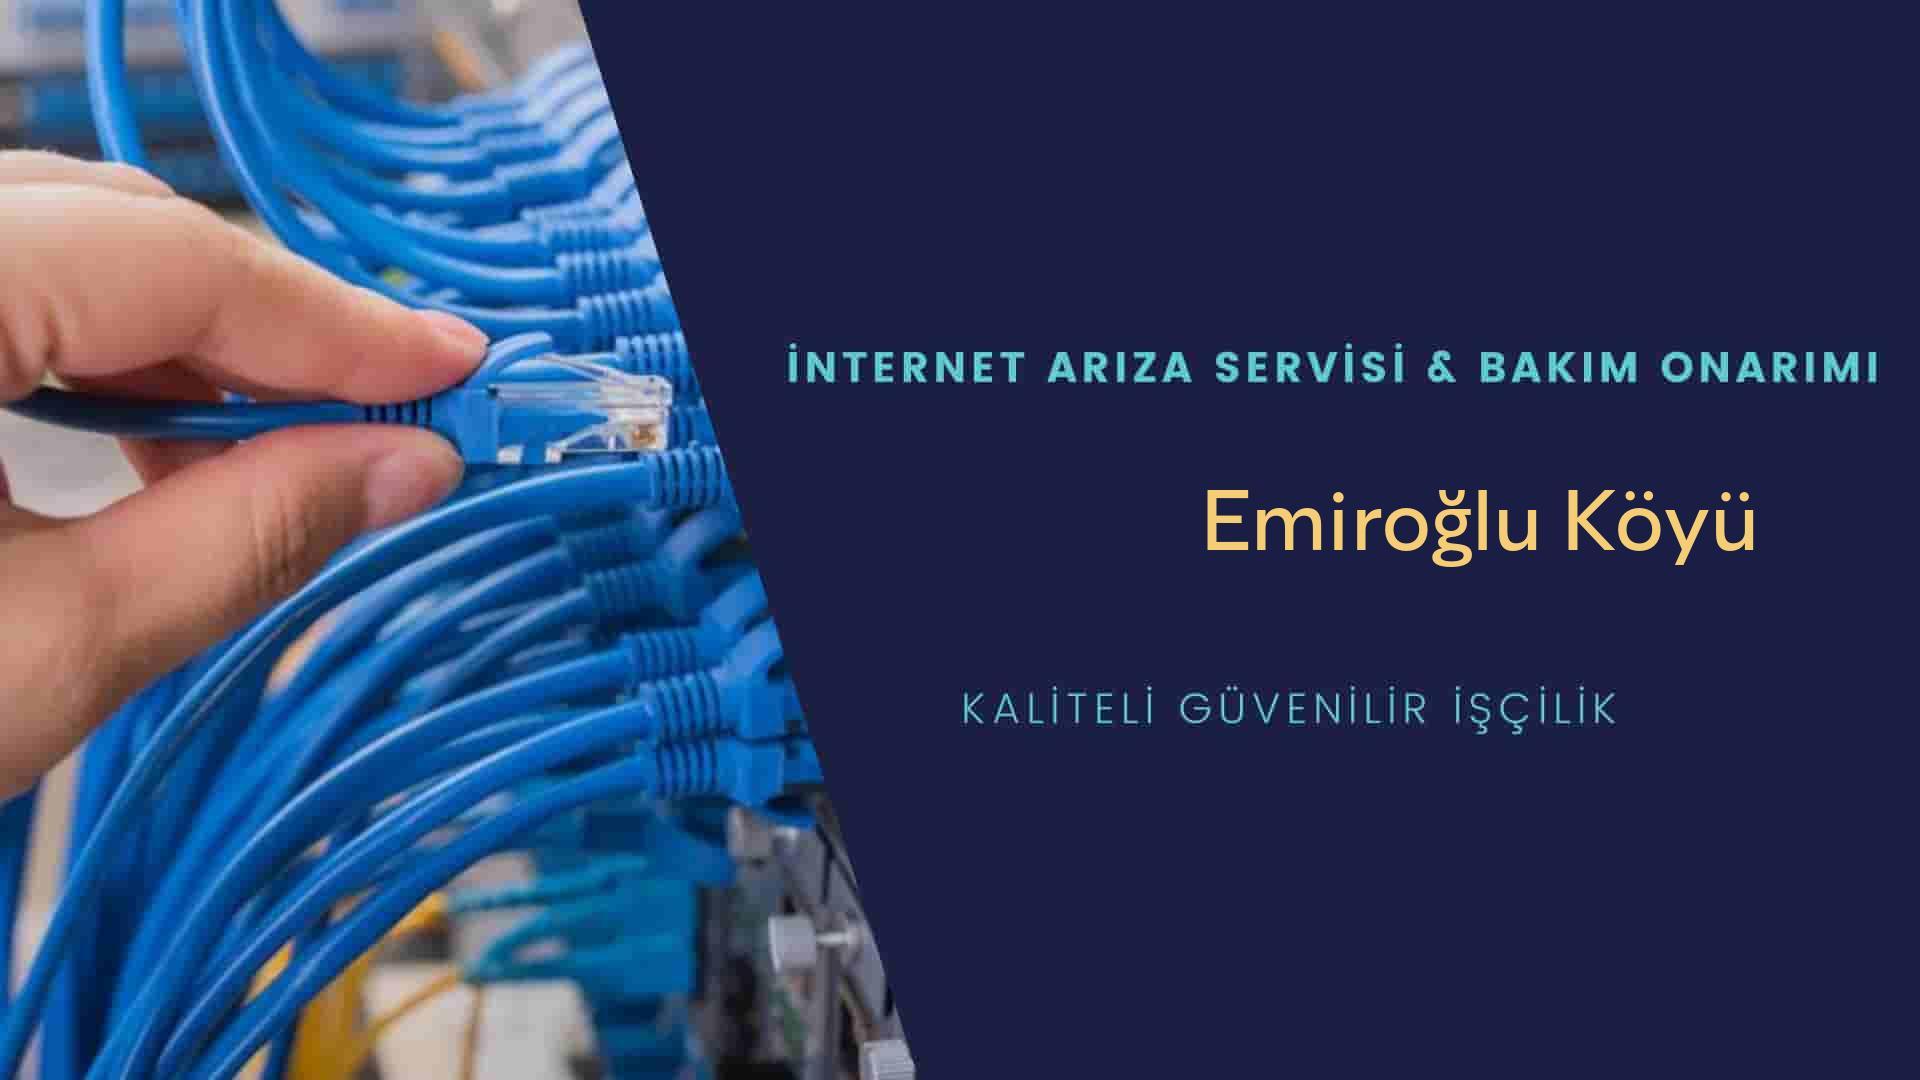 Emiroğlu Köyü internet kablosu çekimi yapan yerler veya elektrikçiler mi? arıyorsunuz doğru yerdesiniz o zaman sizlere 7/24 yardımcı olacak profesyonel ustalarımız bir telefon kadar yakındır size.